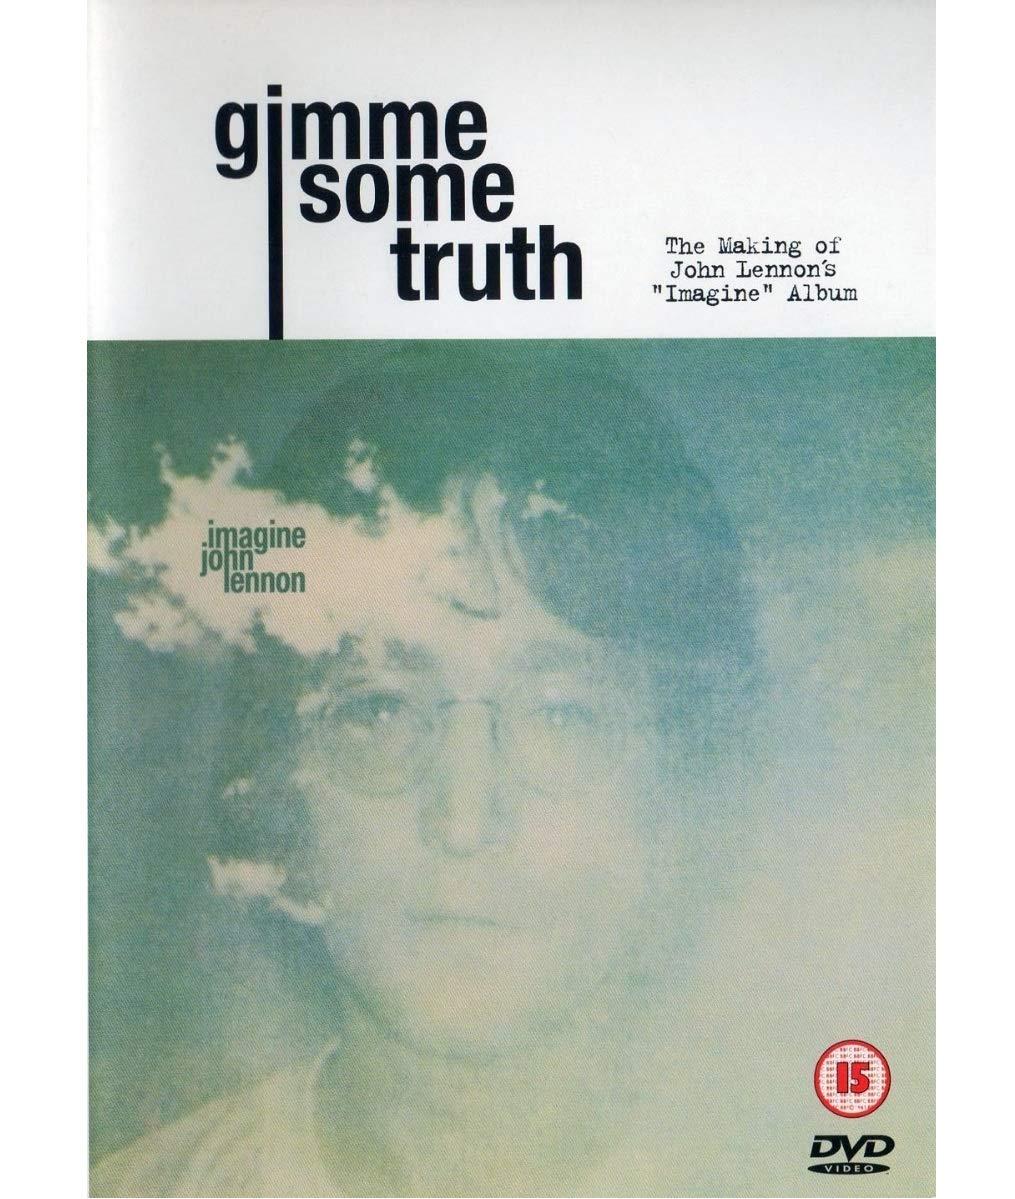 Amazon Com Gimme Some Truth The Making Of John Lennon S Imagine John Lennon Andrew Solt Movies Tv